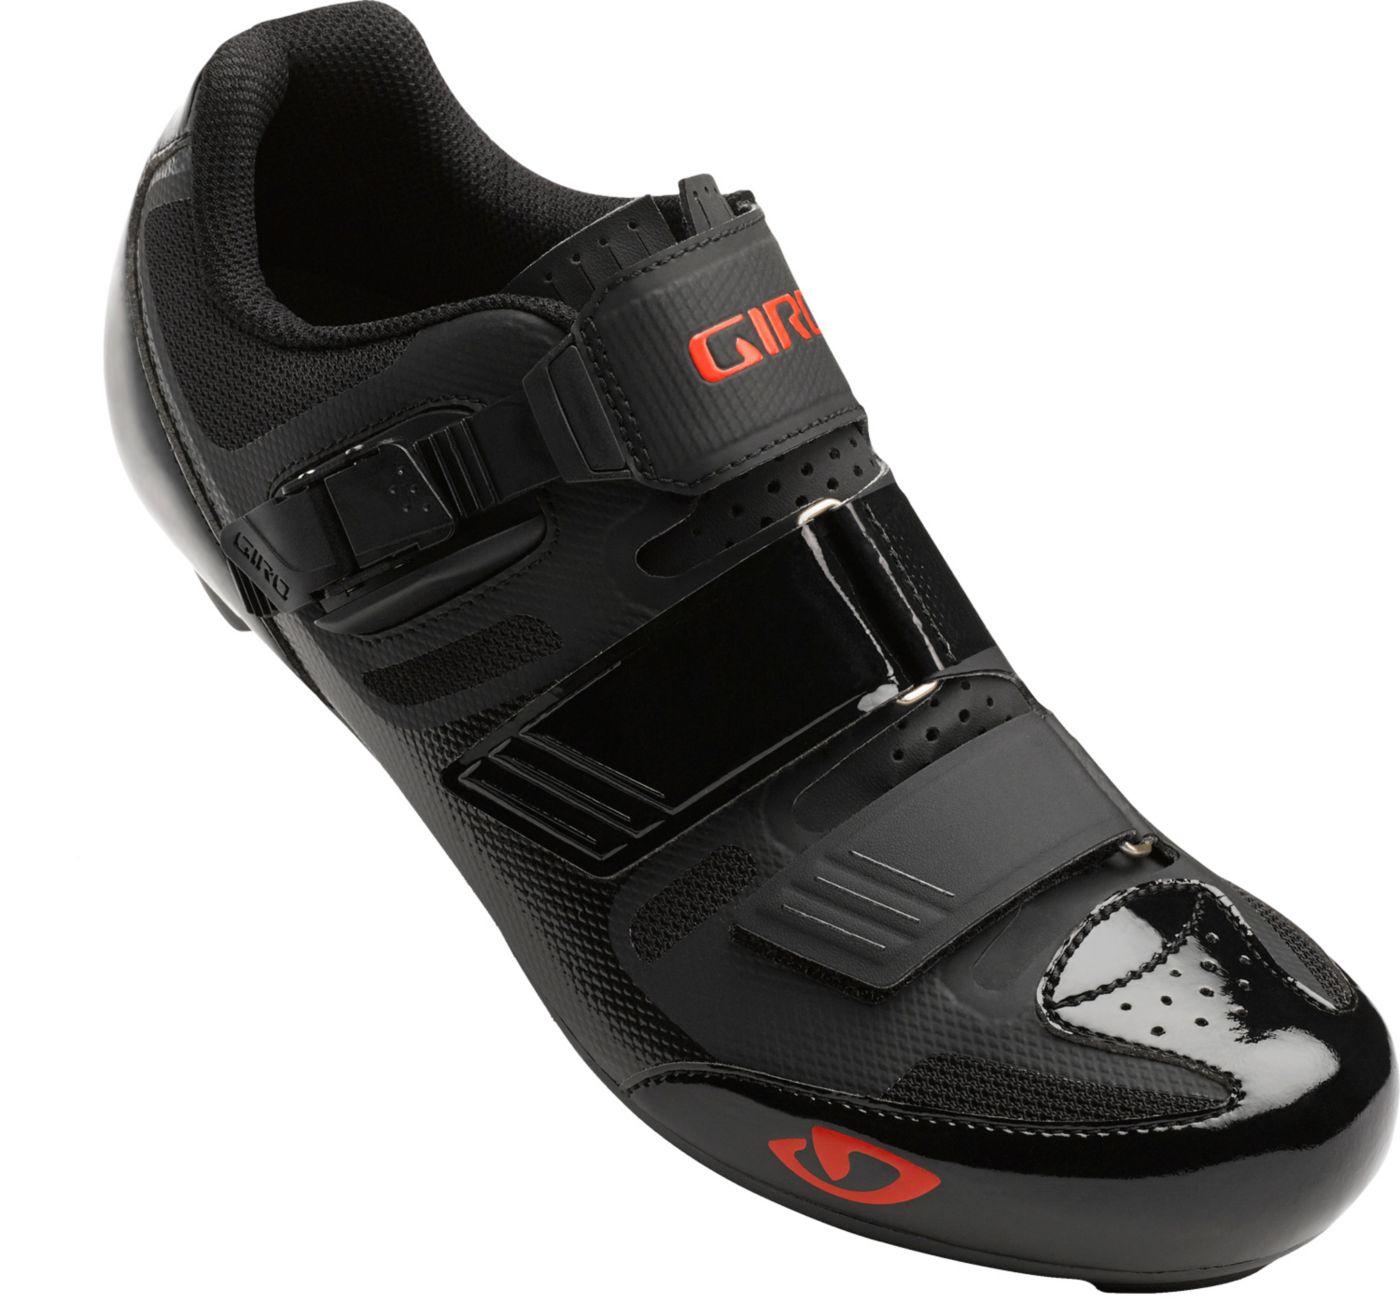 Giro Men's Apeckx II Cycling Shoes